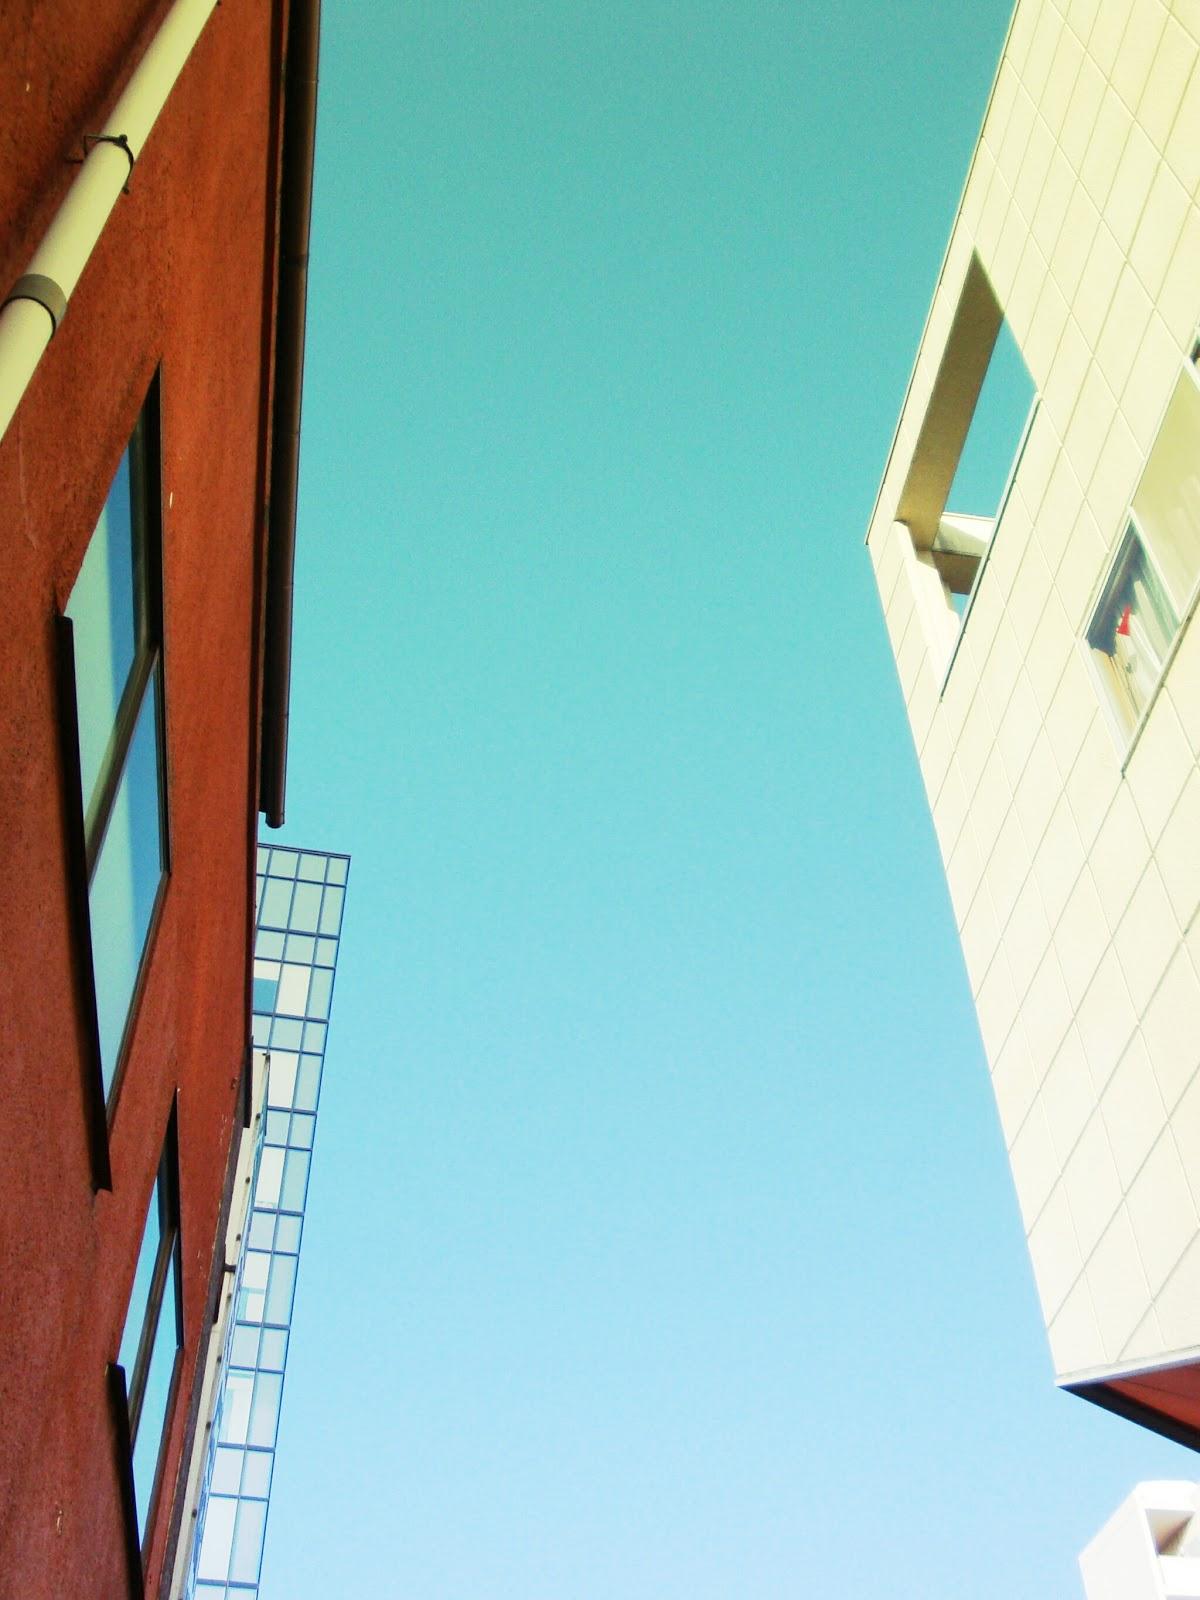 茶色と薄黄色の建物の間から青空が覗いている